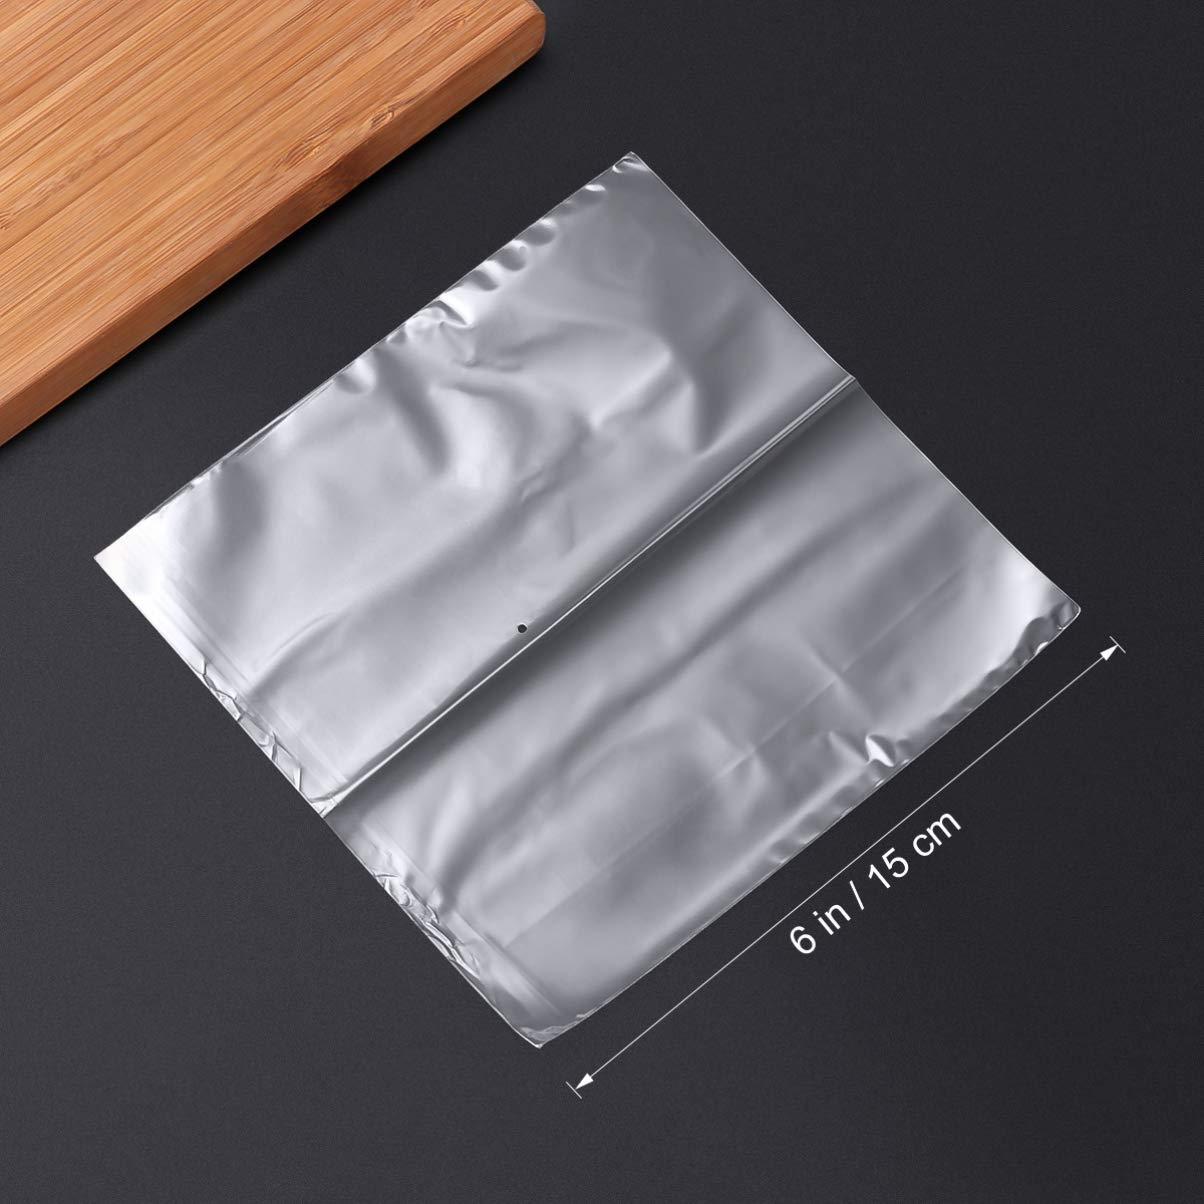 SUPVOX 200 pezzi termoretraibili sacchetti termoretraibili pof impermeabili per confezioni regalo fai da te artigianato trasparente